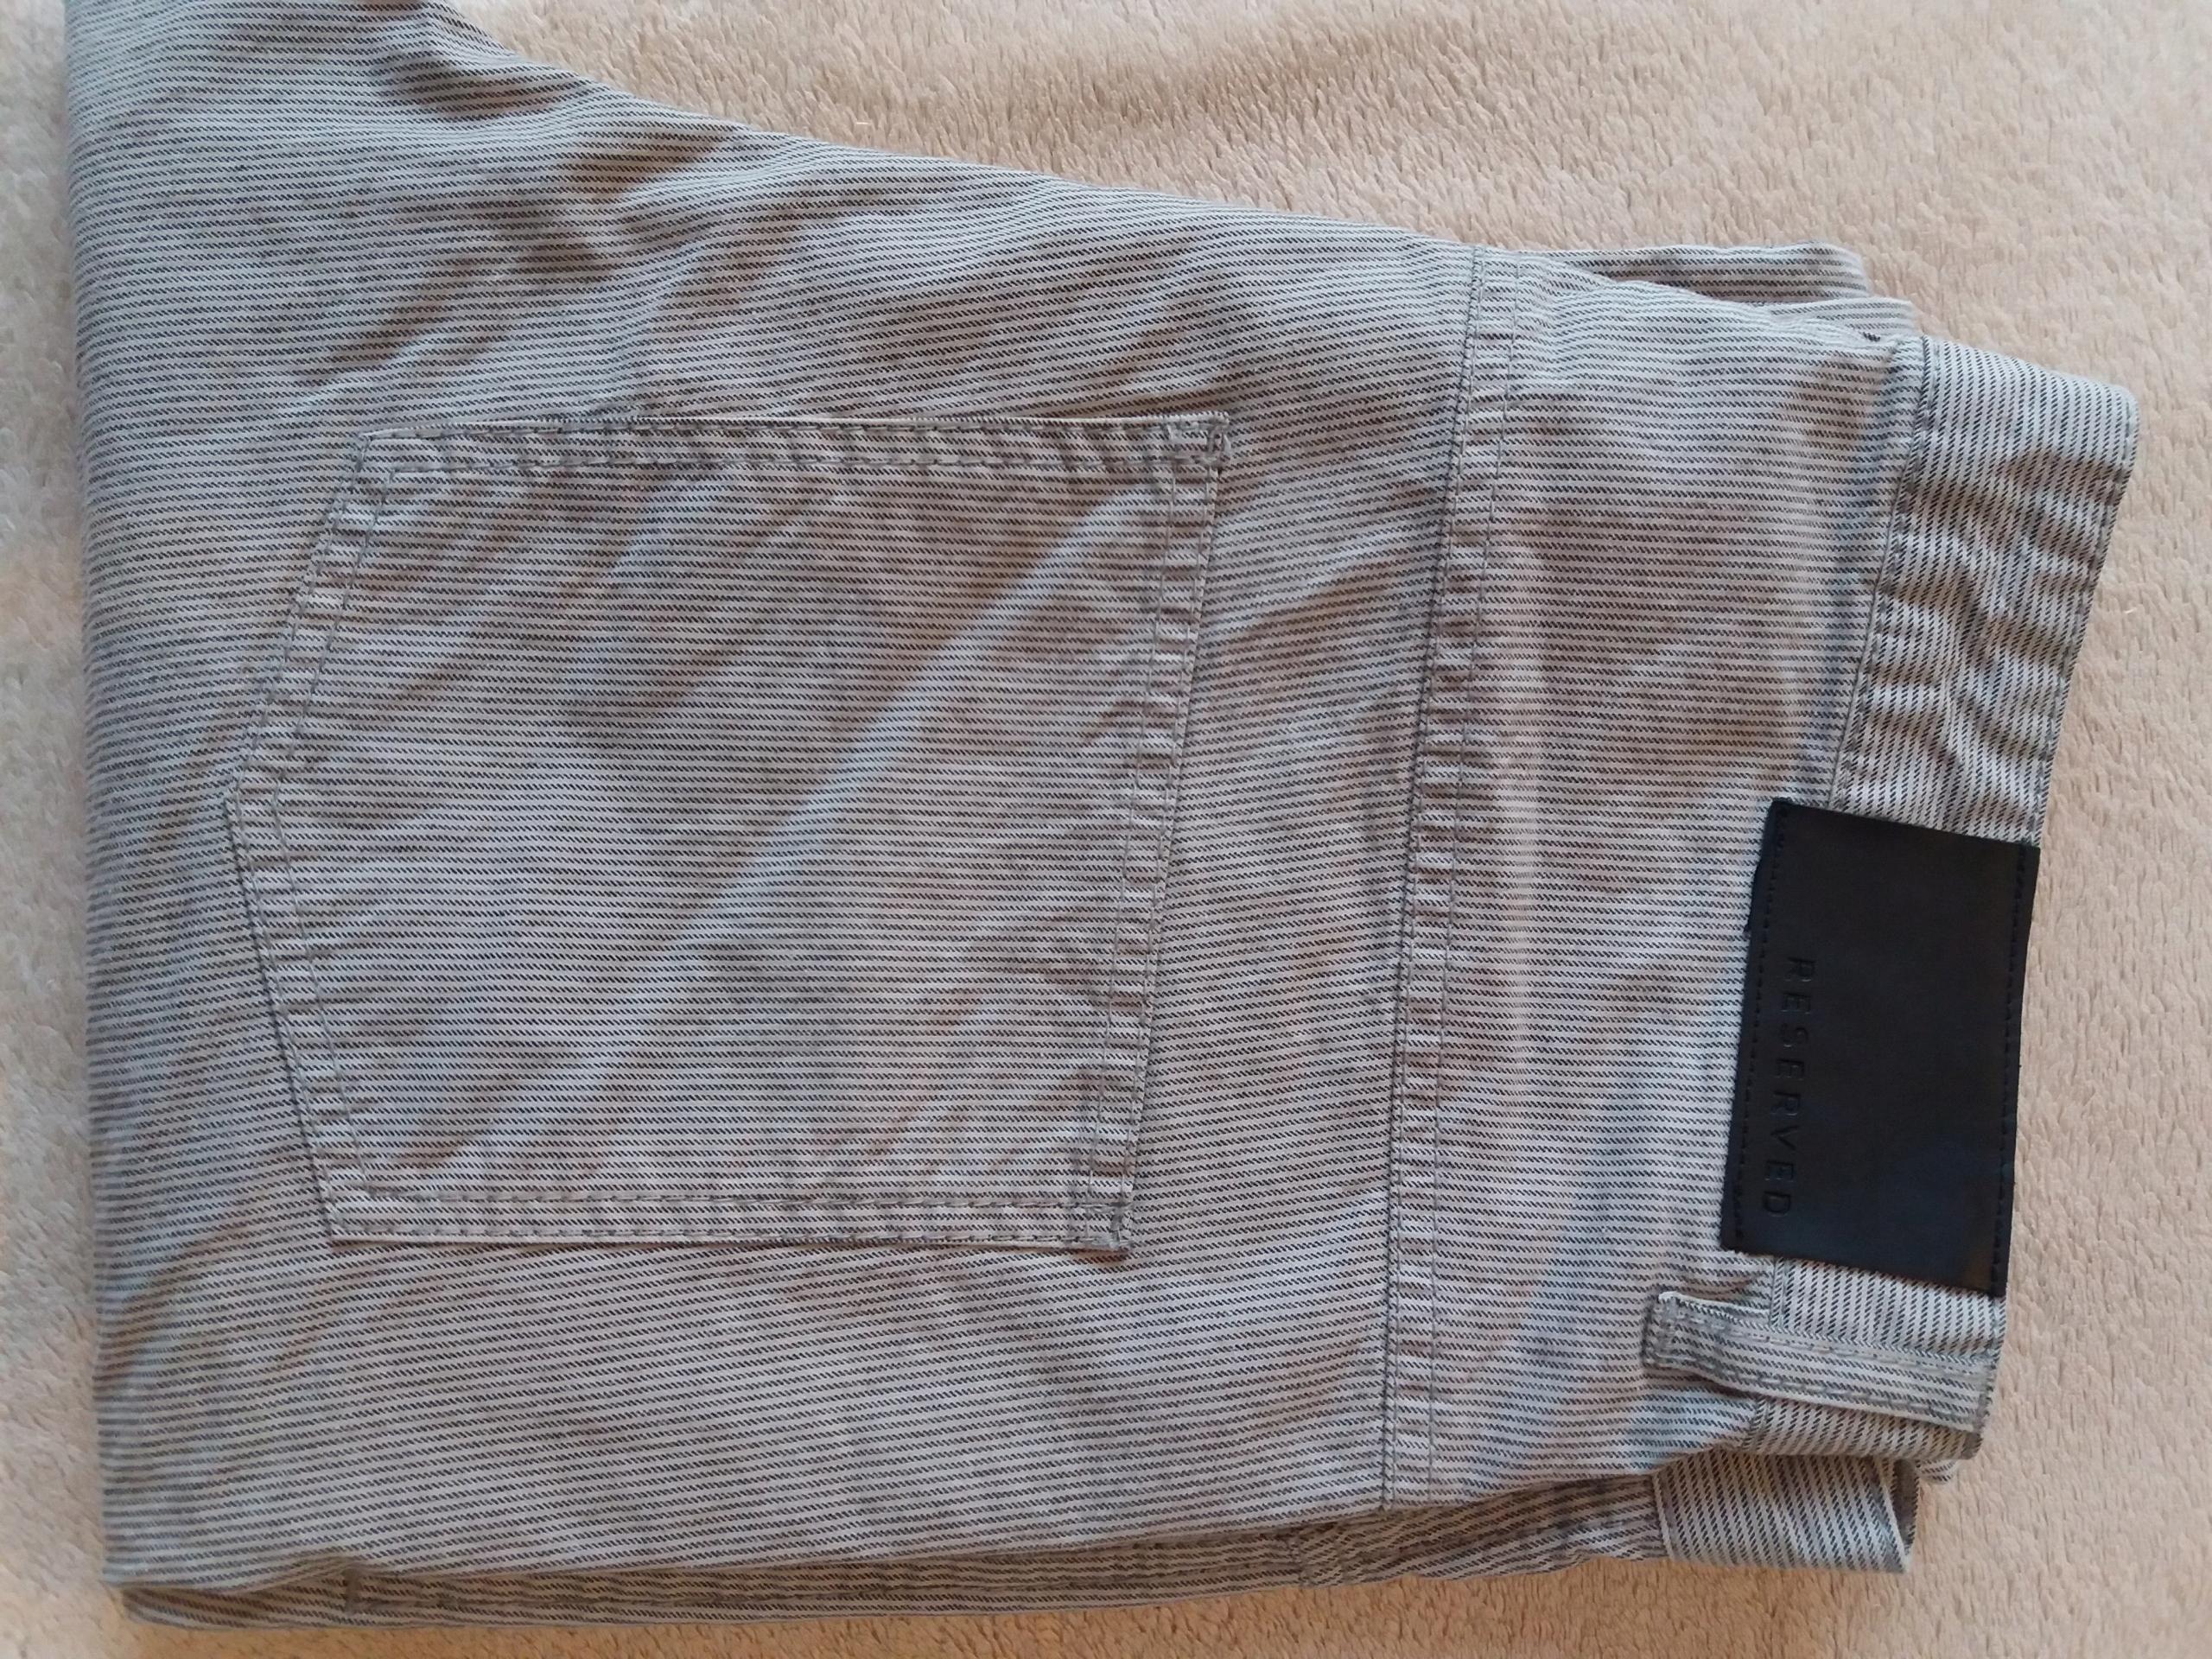 Spodnie materiałowe RESERVED bawełna, rozmiar 31